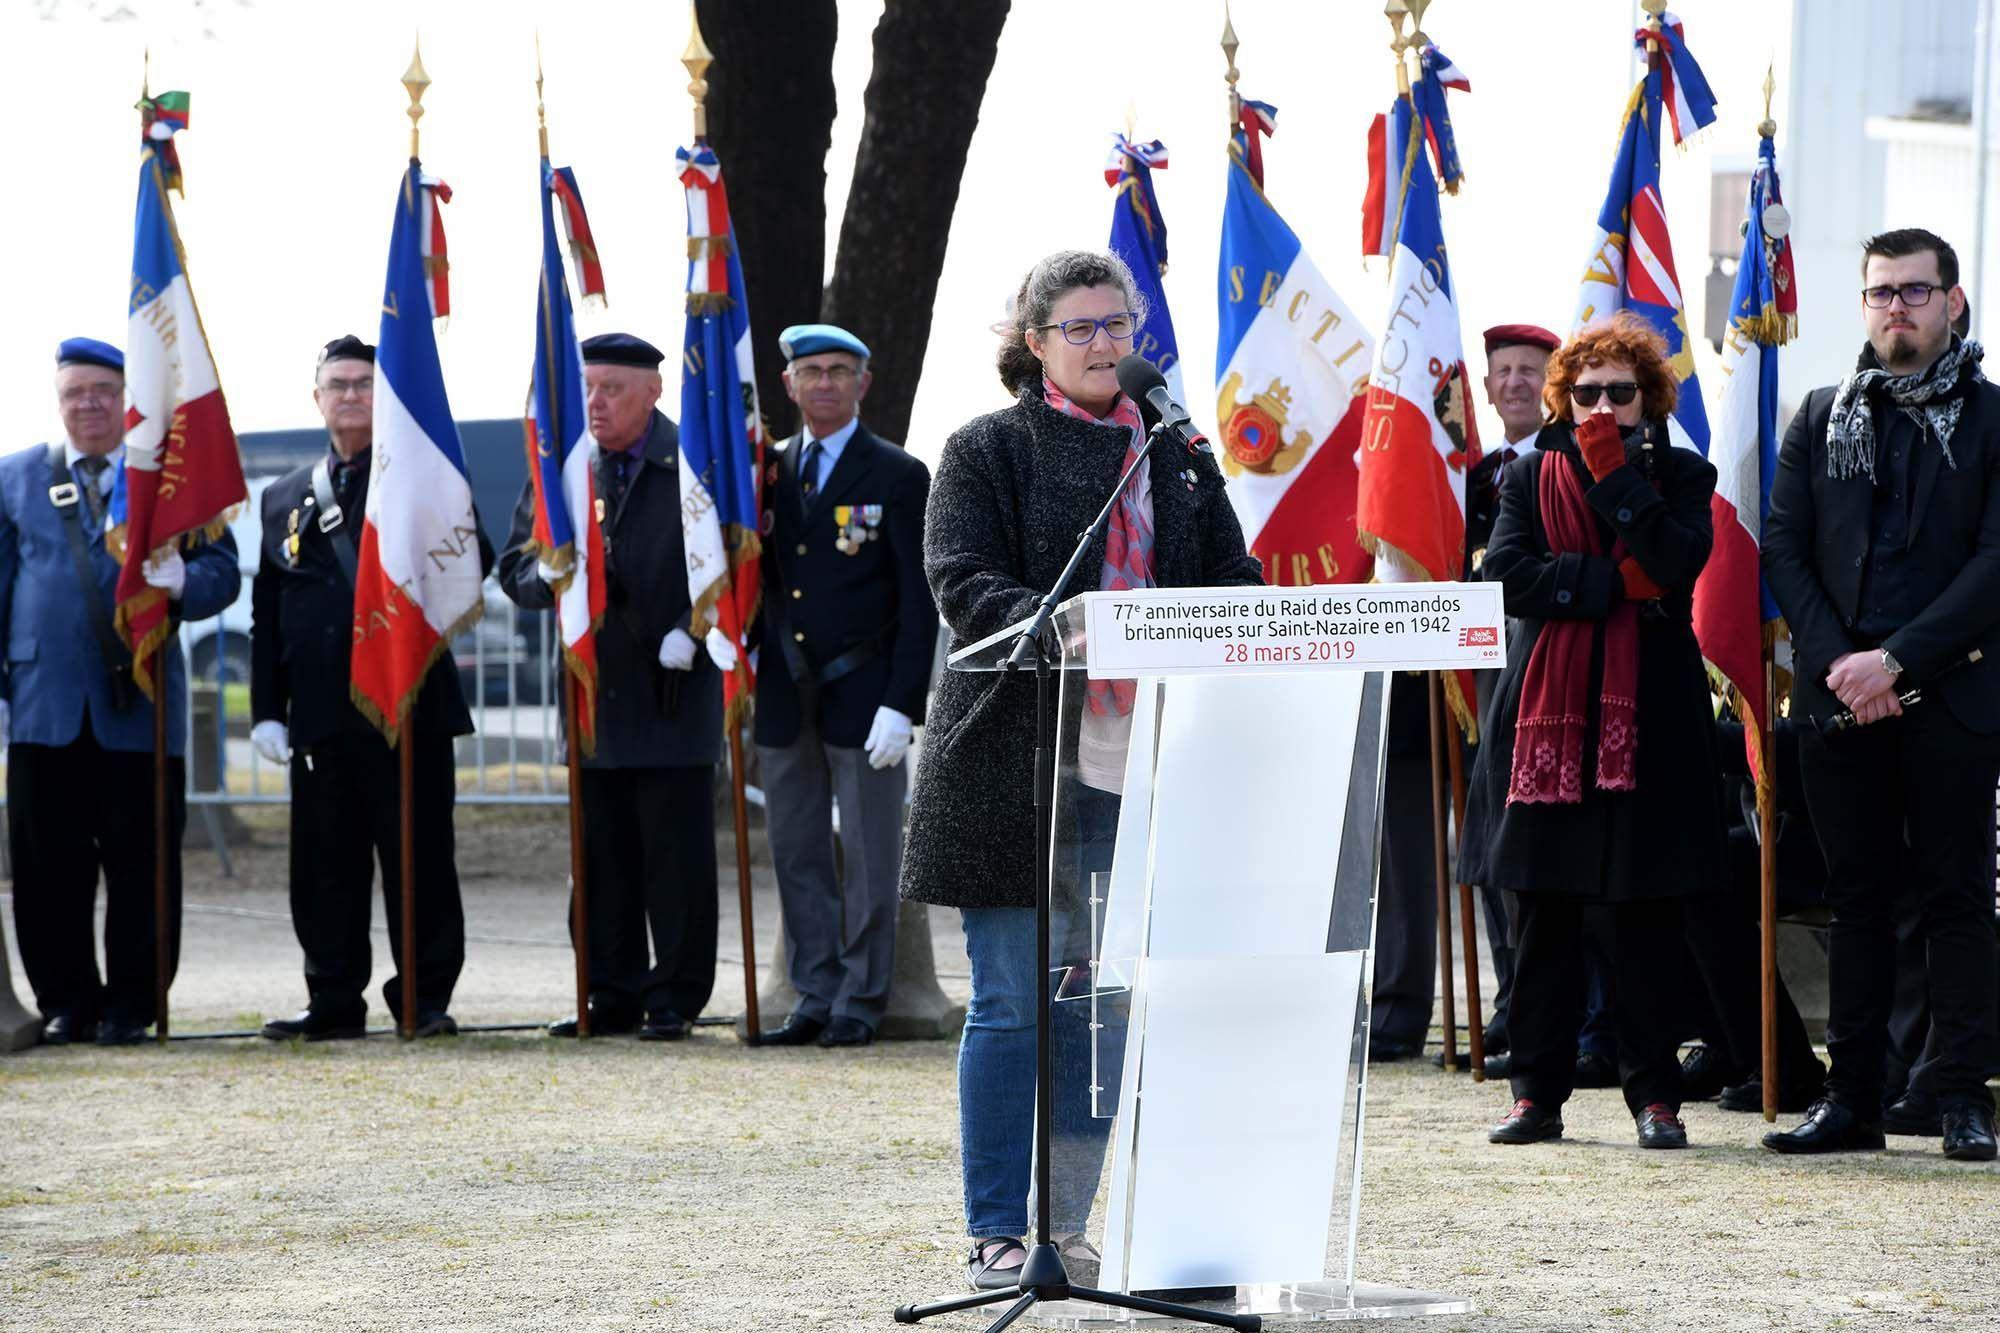 Intervention de Mme Elissa André, présidente de la Saint-Nazaire Society France.